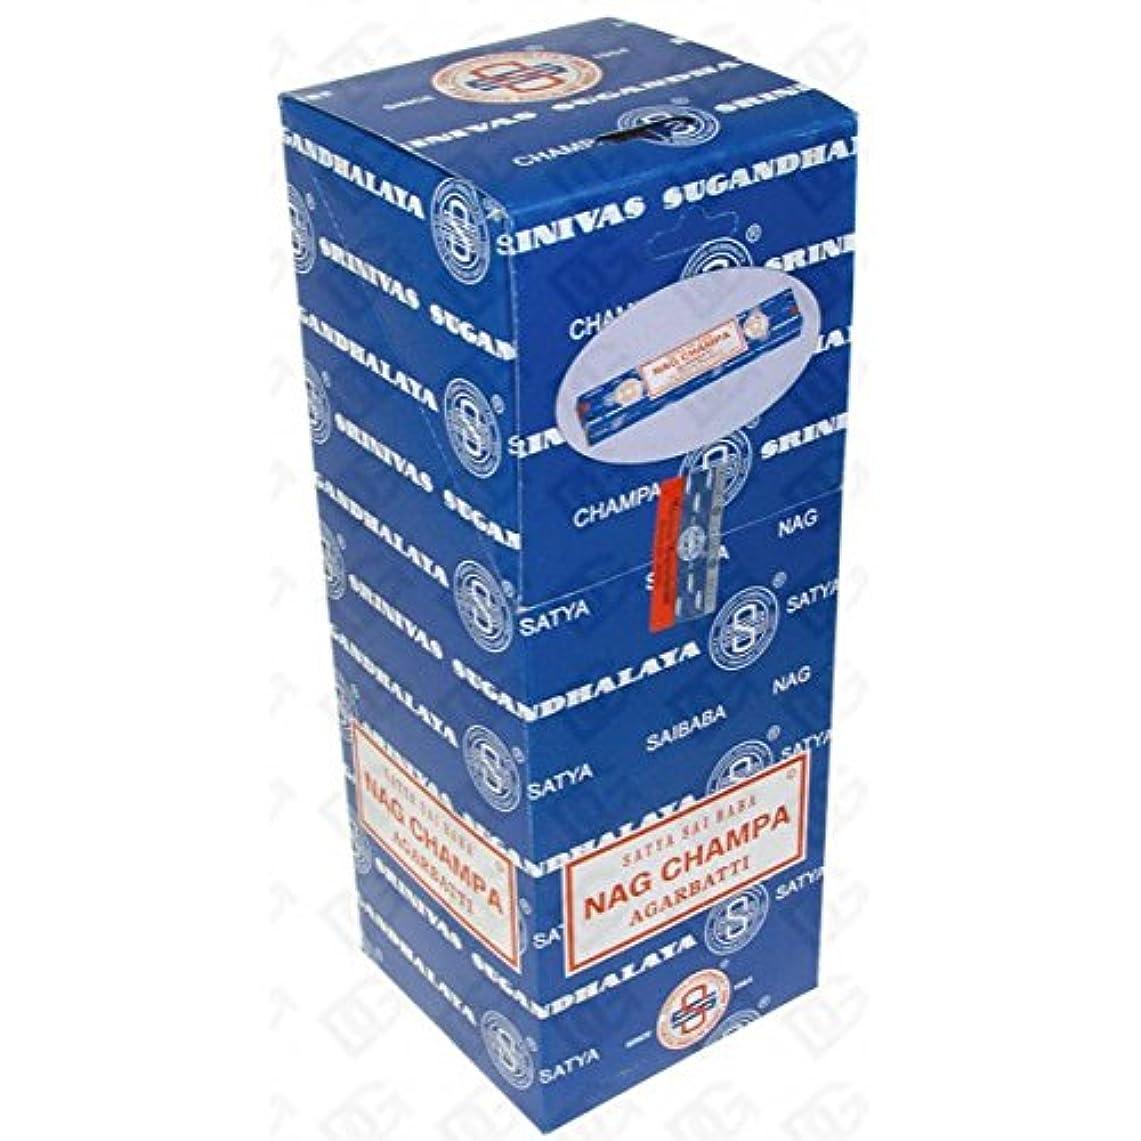 従来の社会主義者マティスNew Nag Champa 10g Incense Sticks Value Pack 10gx25=250g Original Insense Insence by Satya Sai Baba